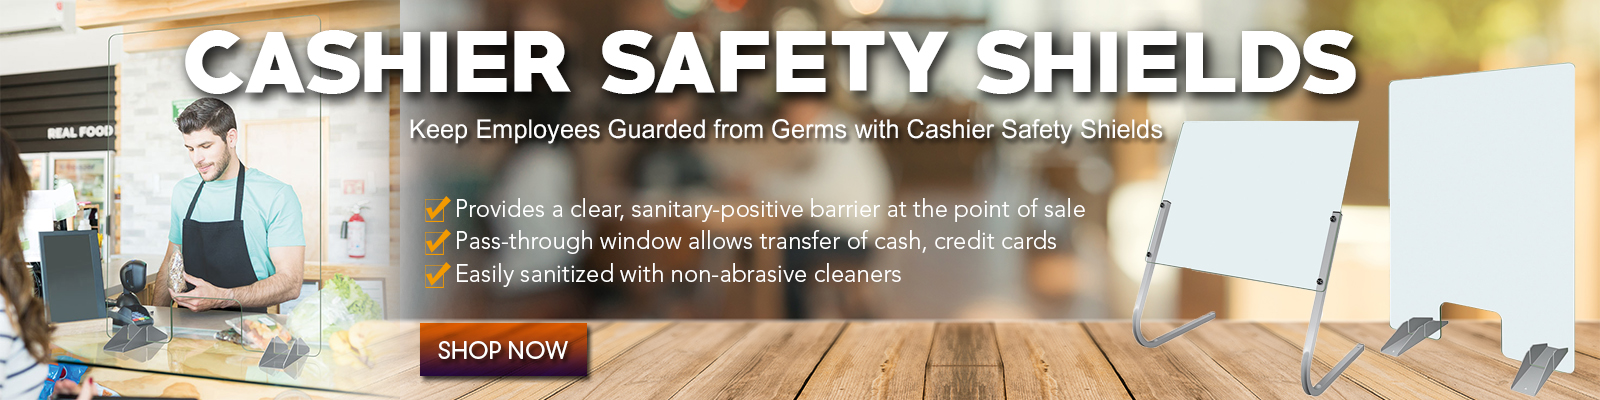 Cashier Safety Shields, Restaurant Equipment supplies